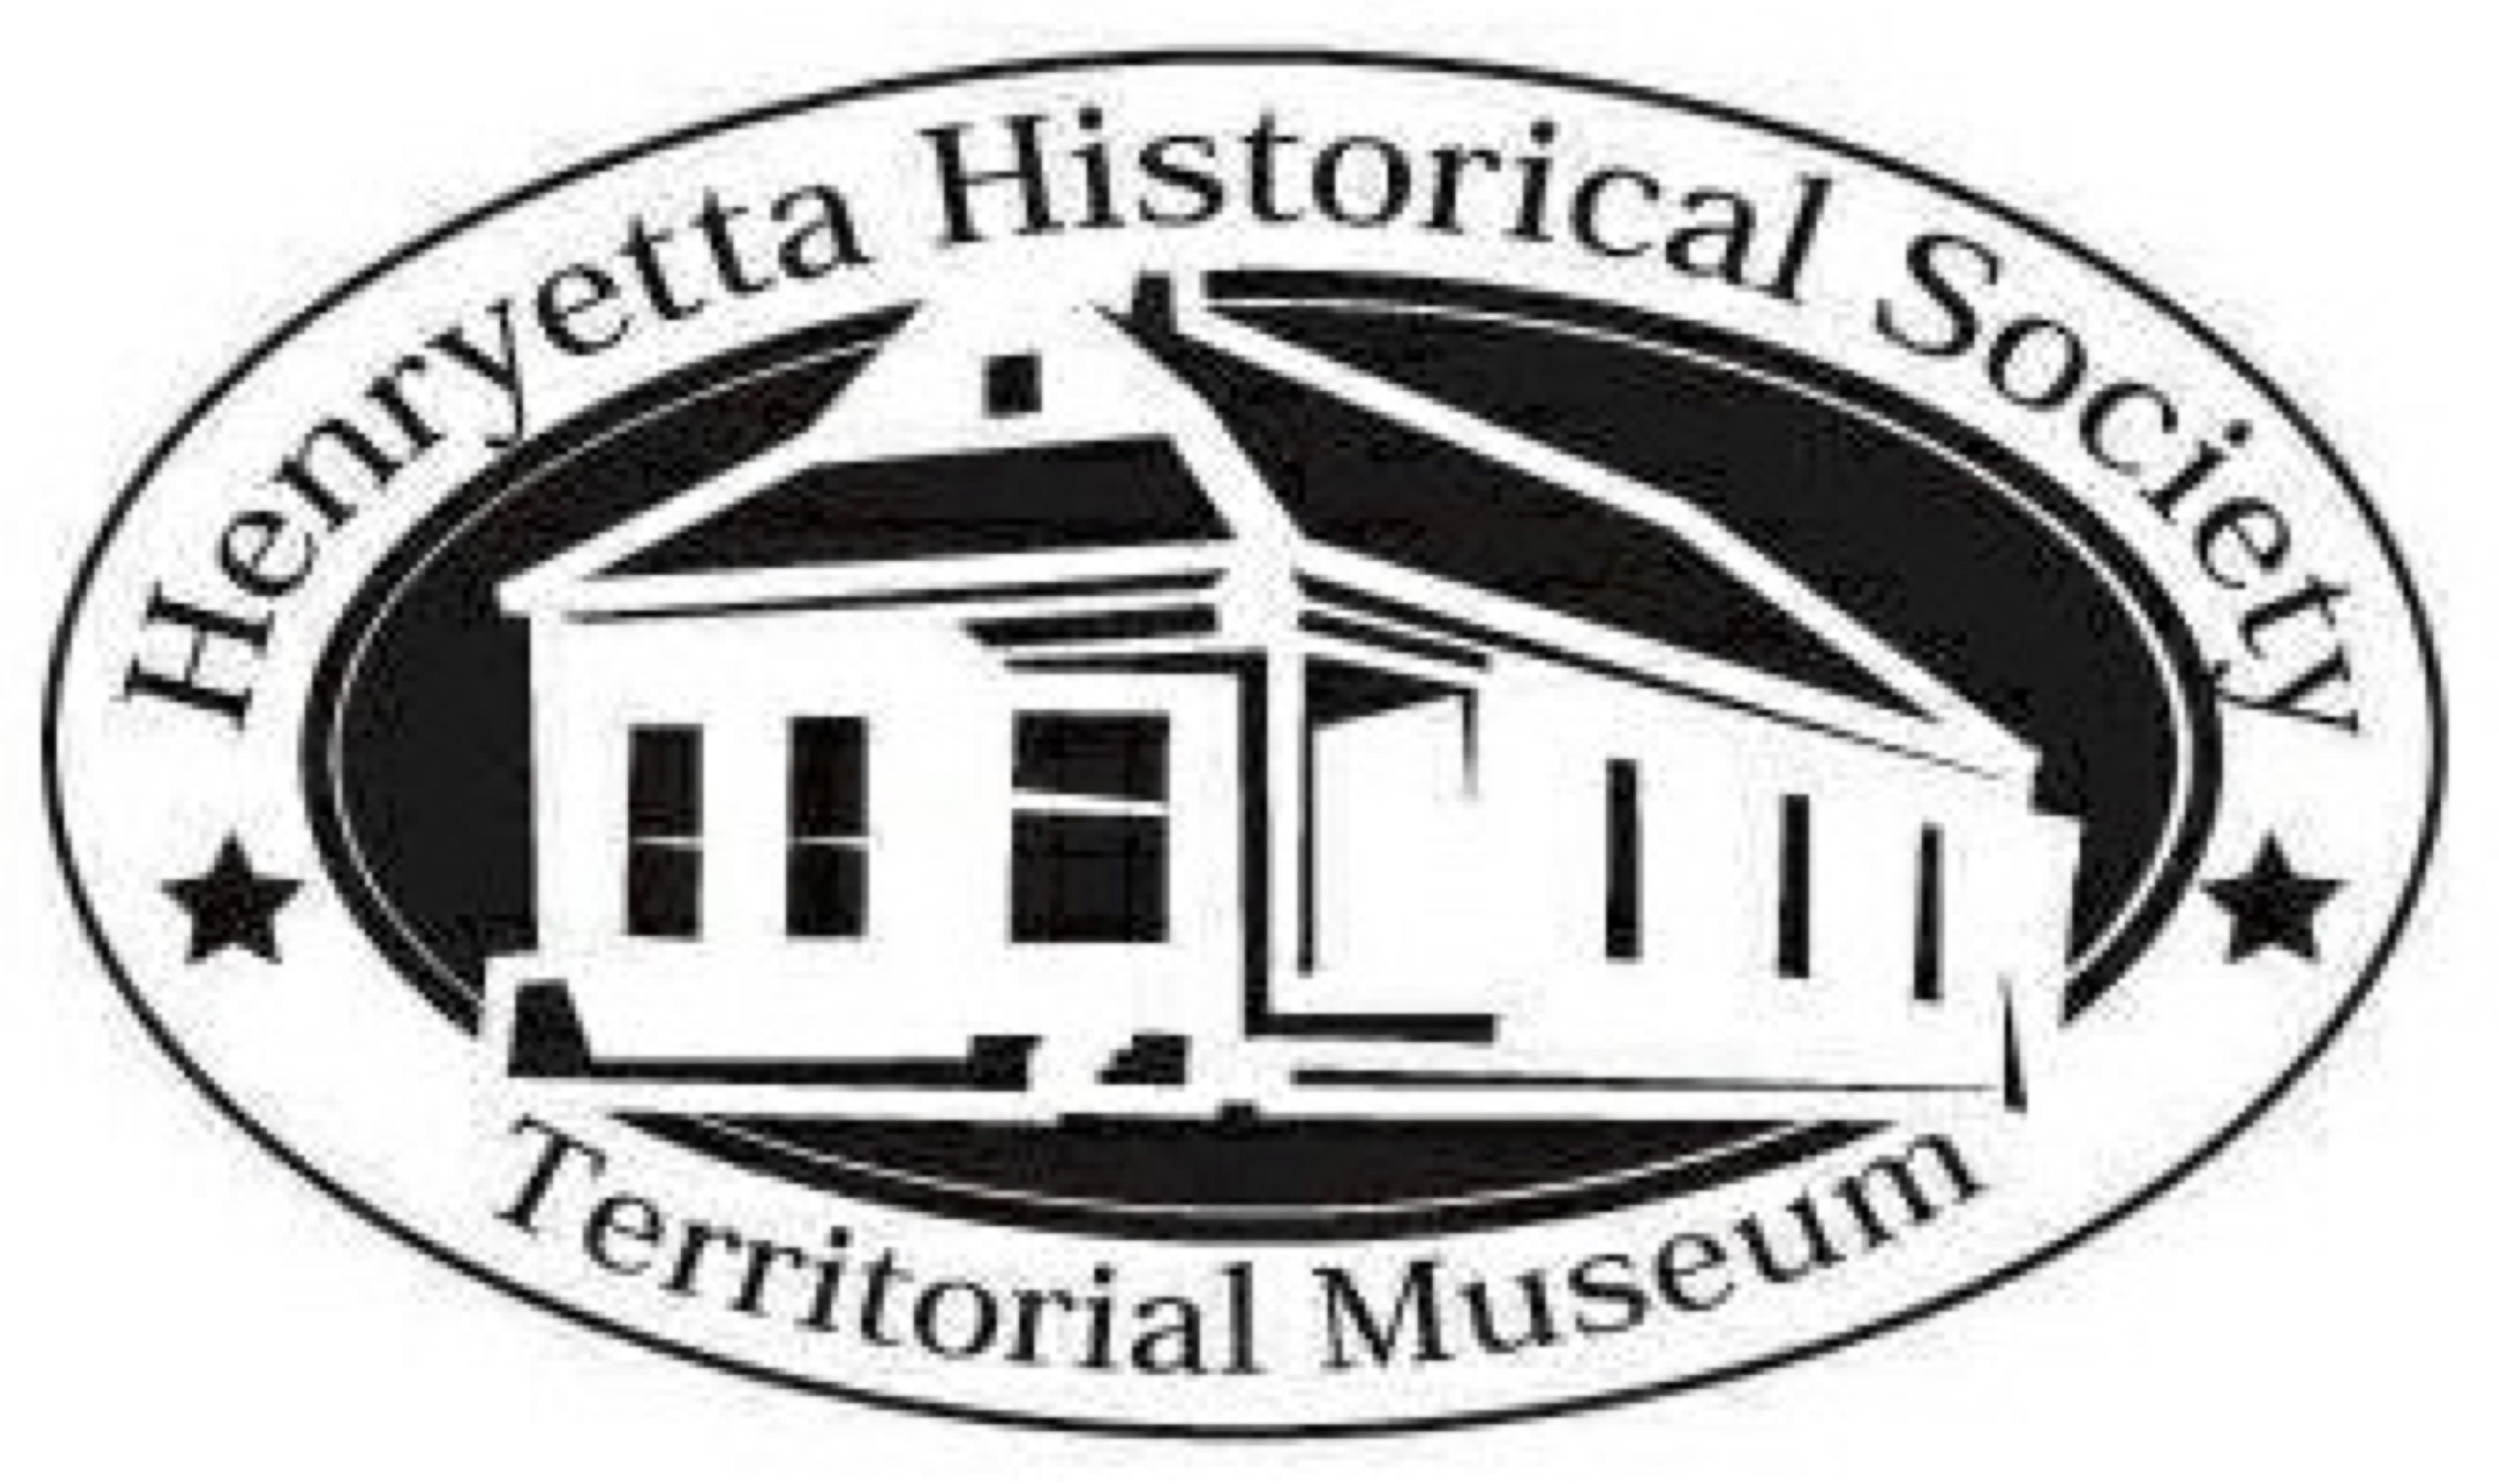 Henryetta Historical Society & Territorial Museum